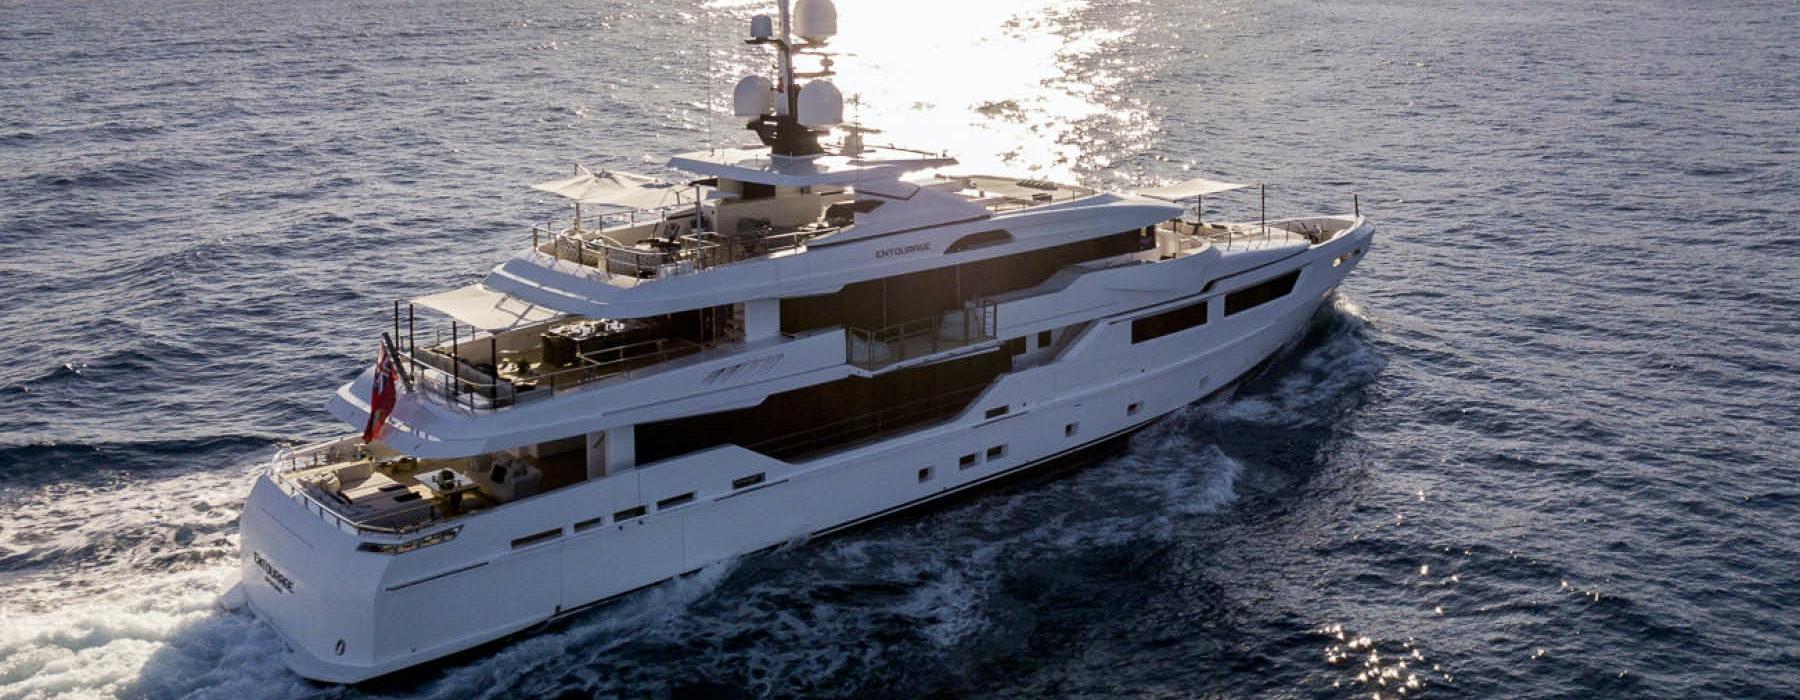 Luxury super yacht ENTOURAGE Admiral 46m for sale